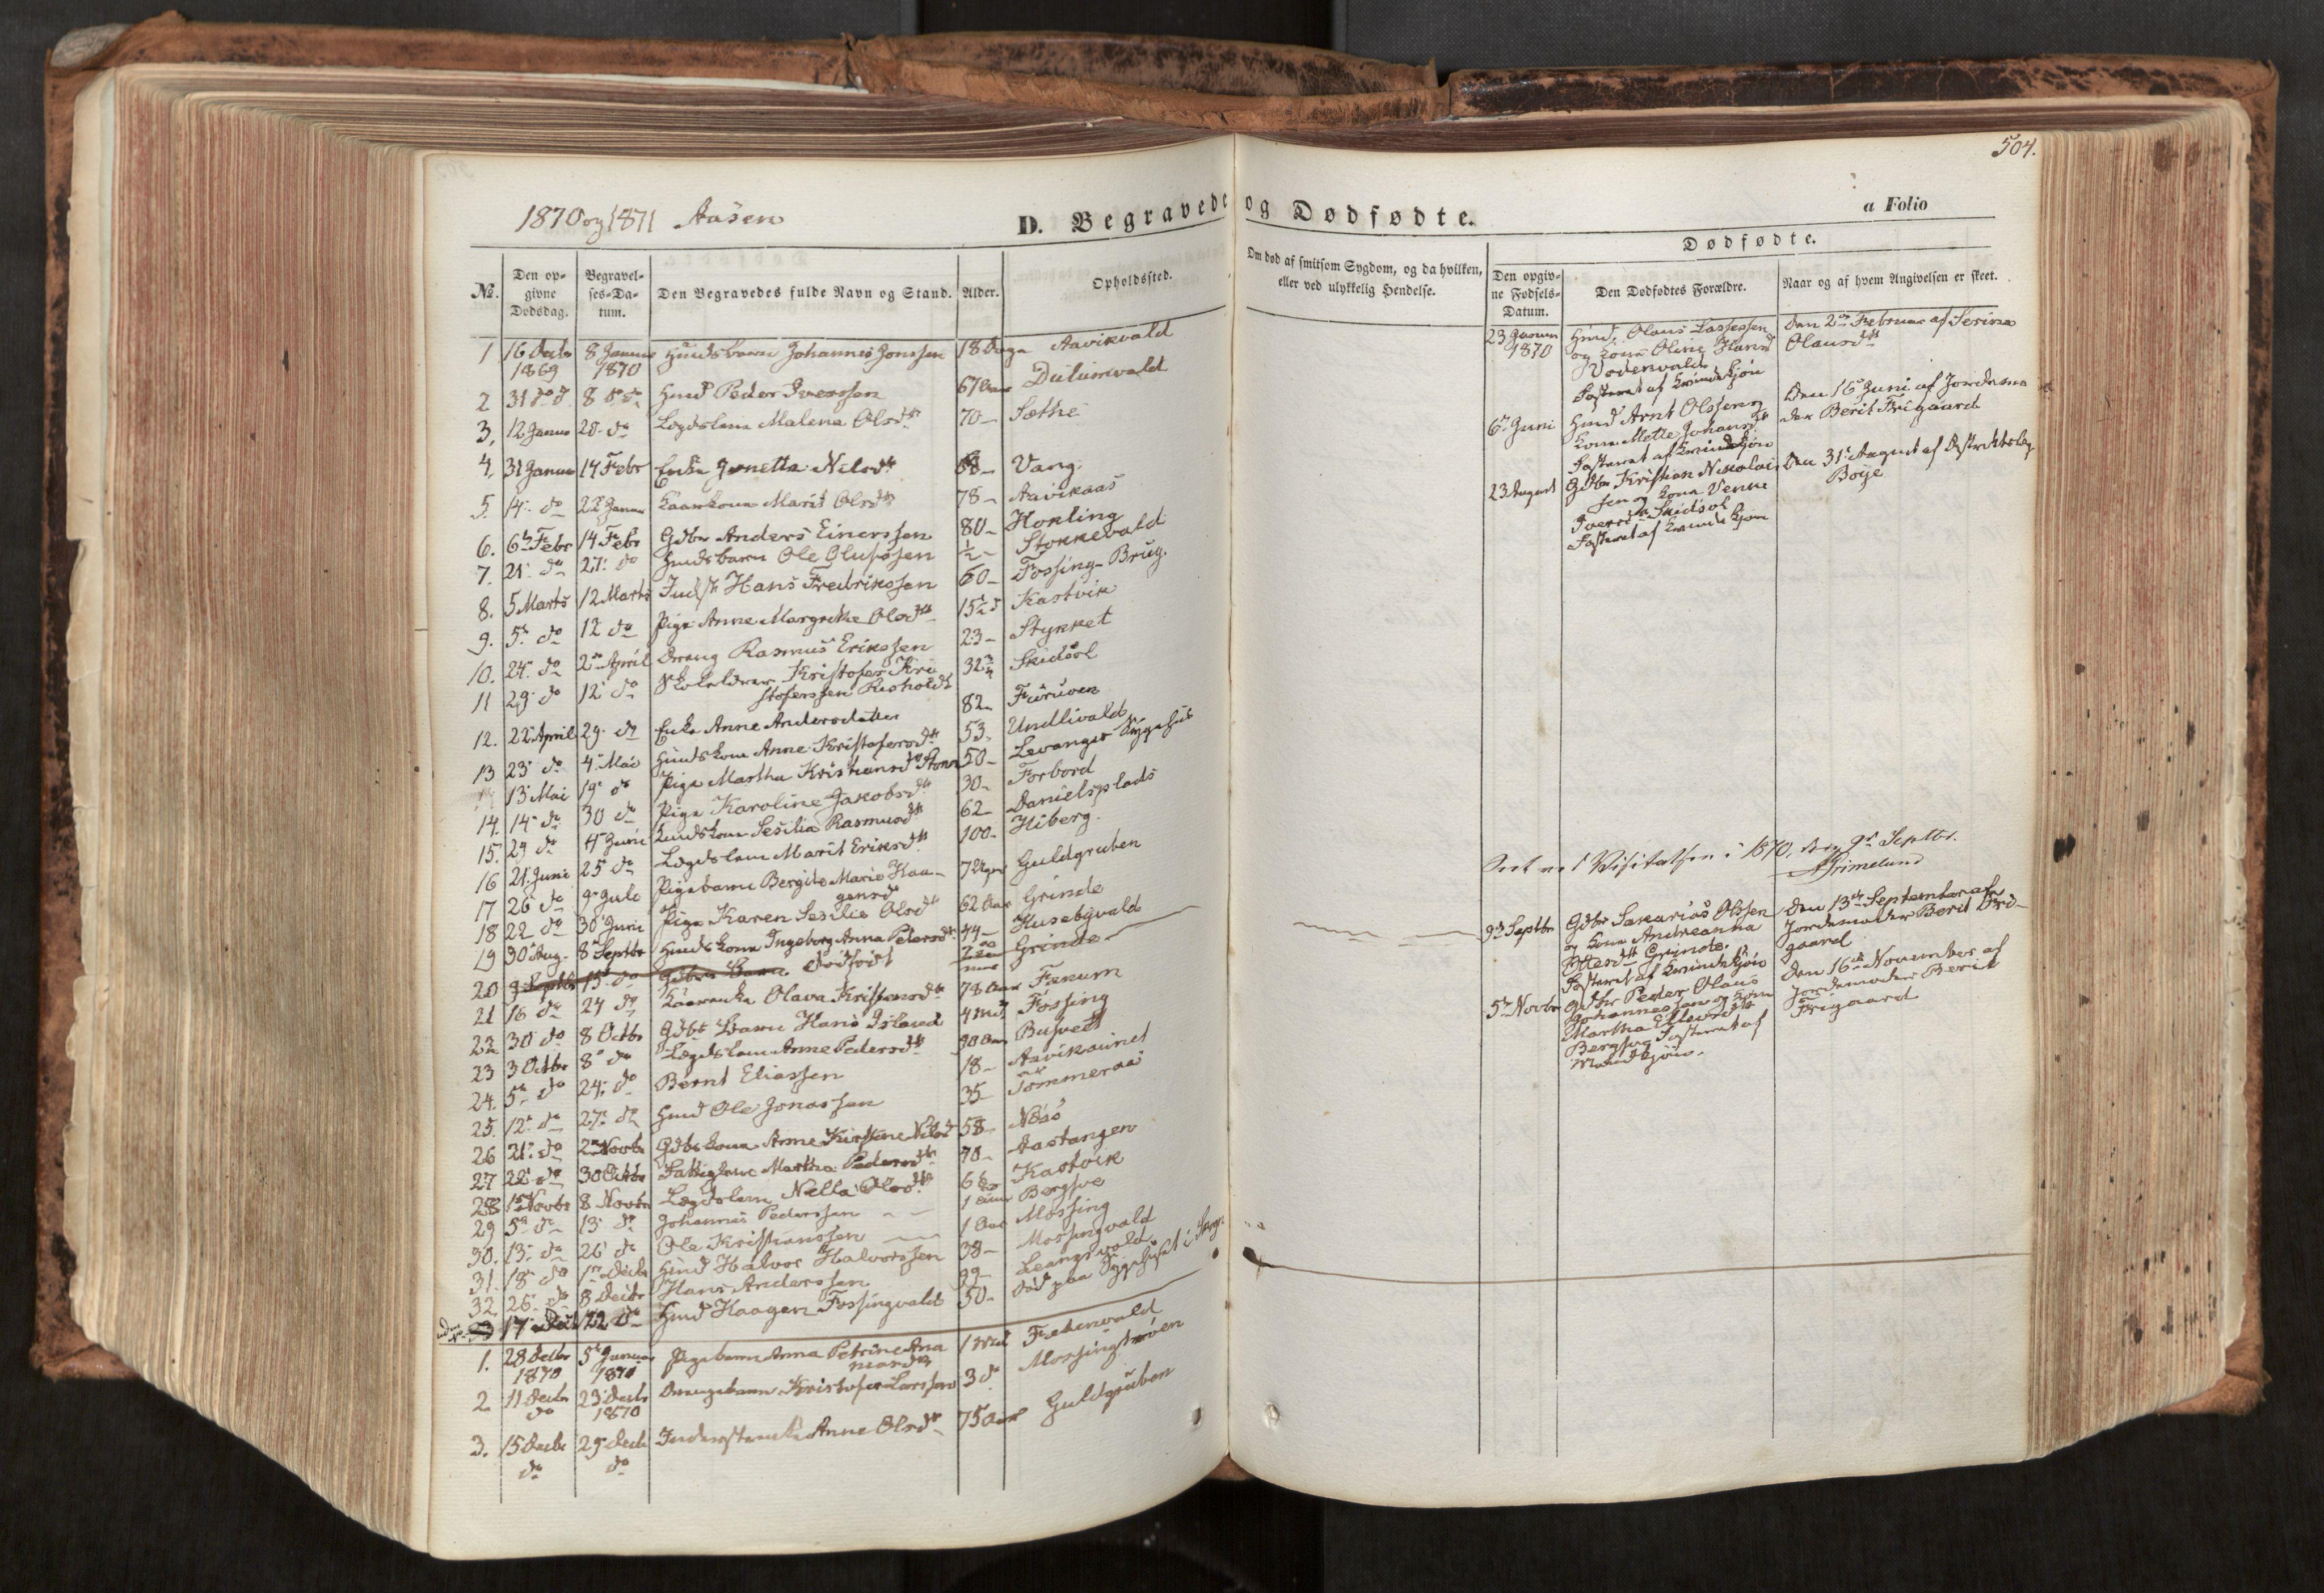 SAT, Ministerialprotokoller, klokkerbøker og fødselsregistre - Nord-Trøndelag, 713/L0116: Ministerialbok nr. 713A07, 1850-1877, s. 504